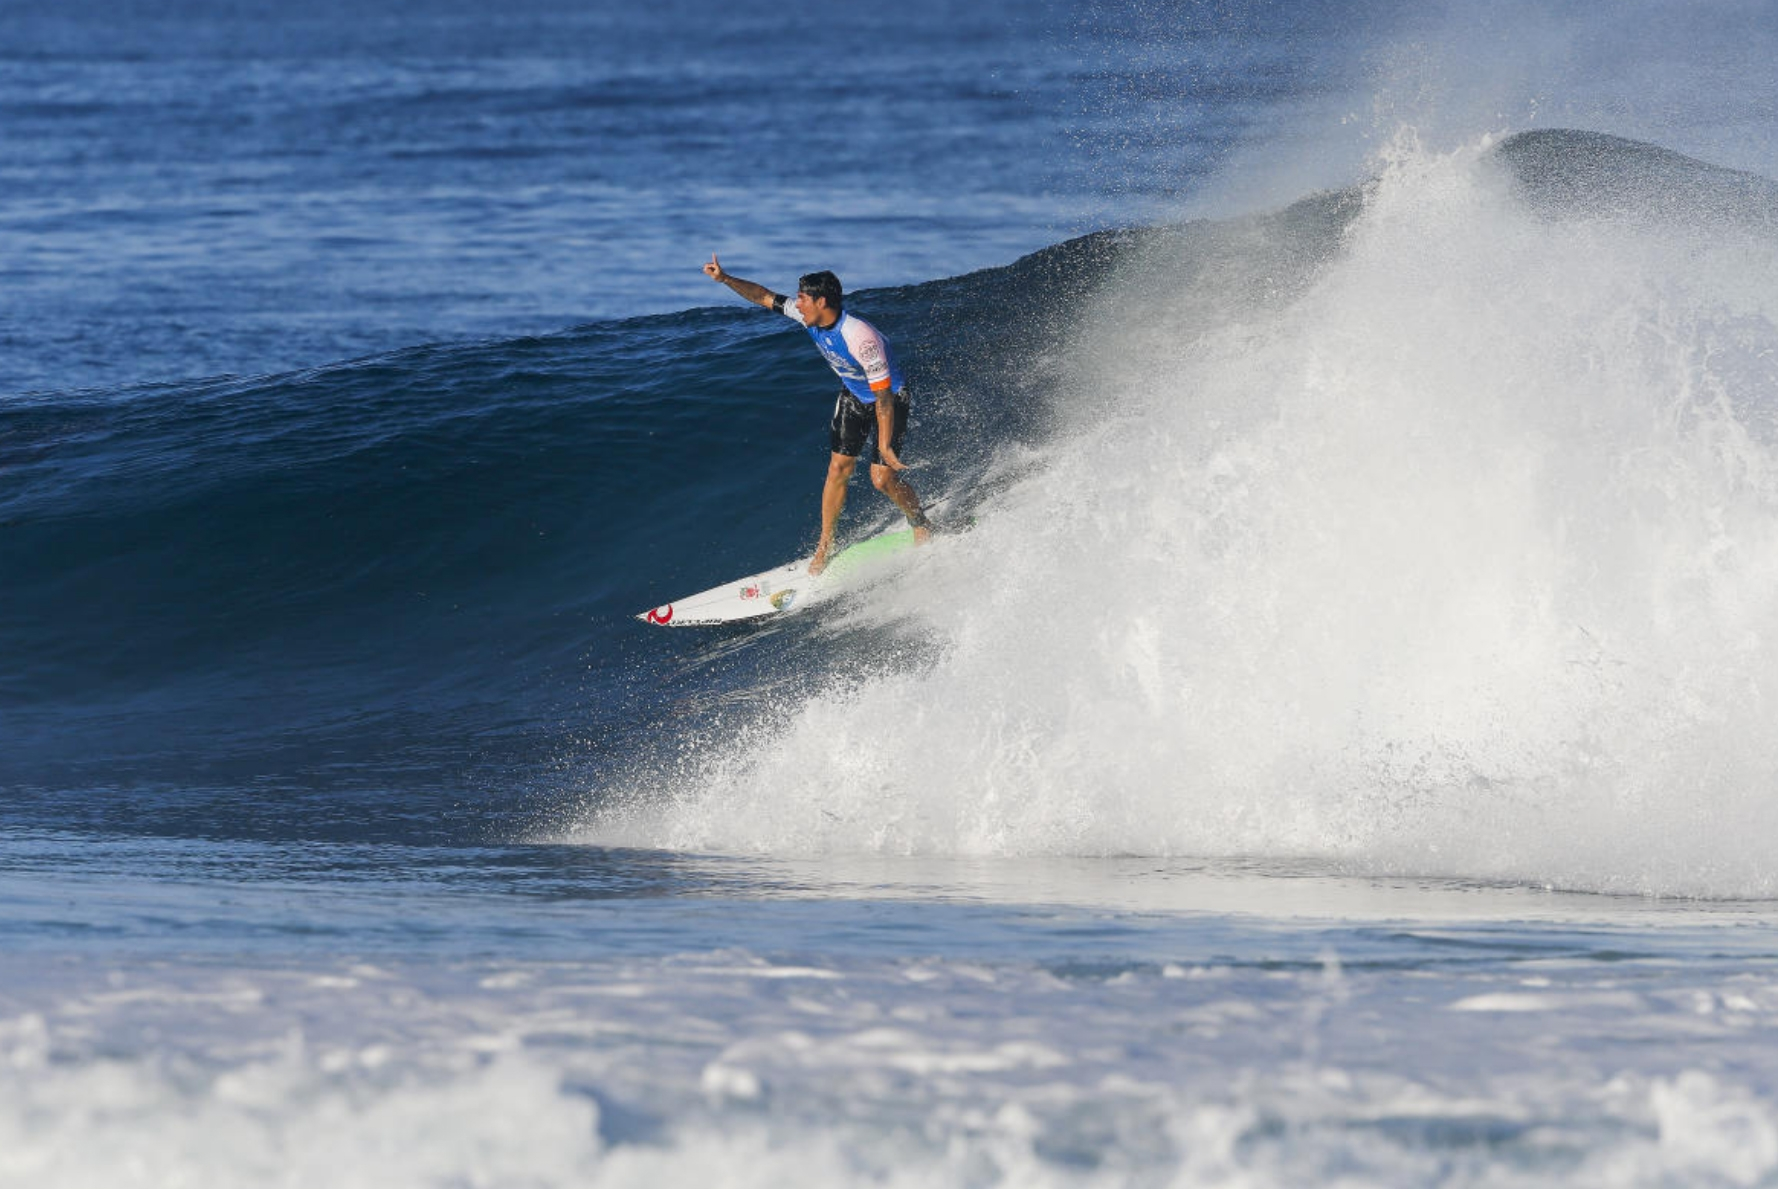 Gabriel Medina manteve-se vivo na disputa pelo título mundial de surfe desta temporada - WSL/Tony Heff/ Divulgação/ND